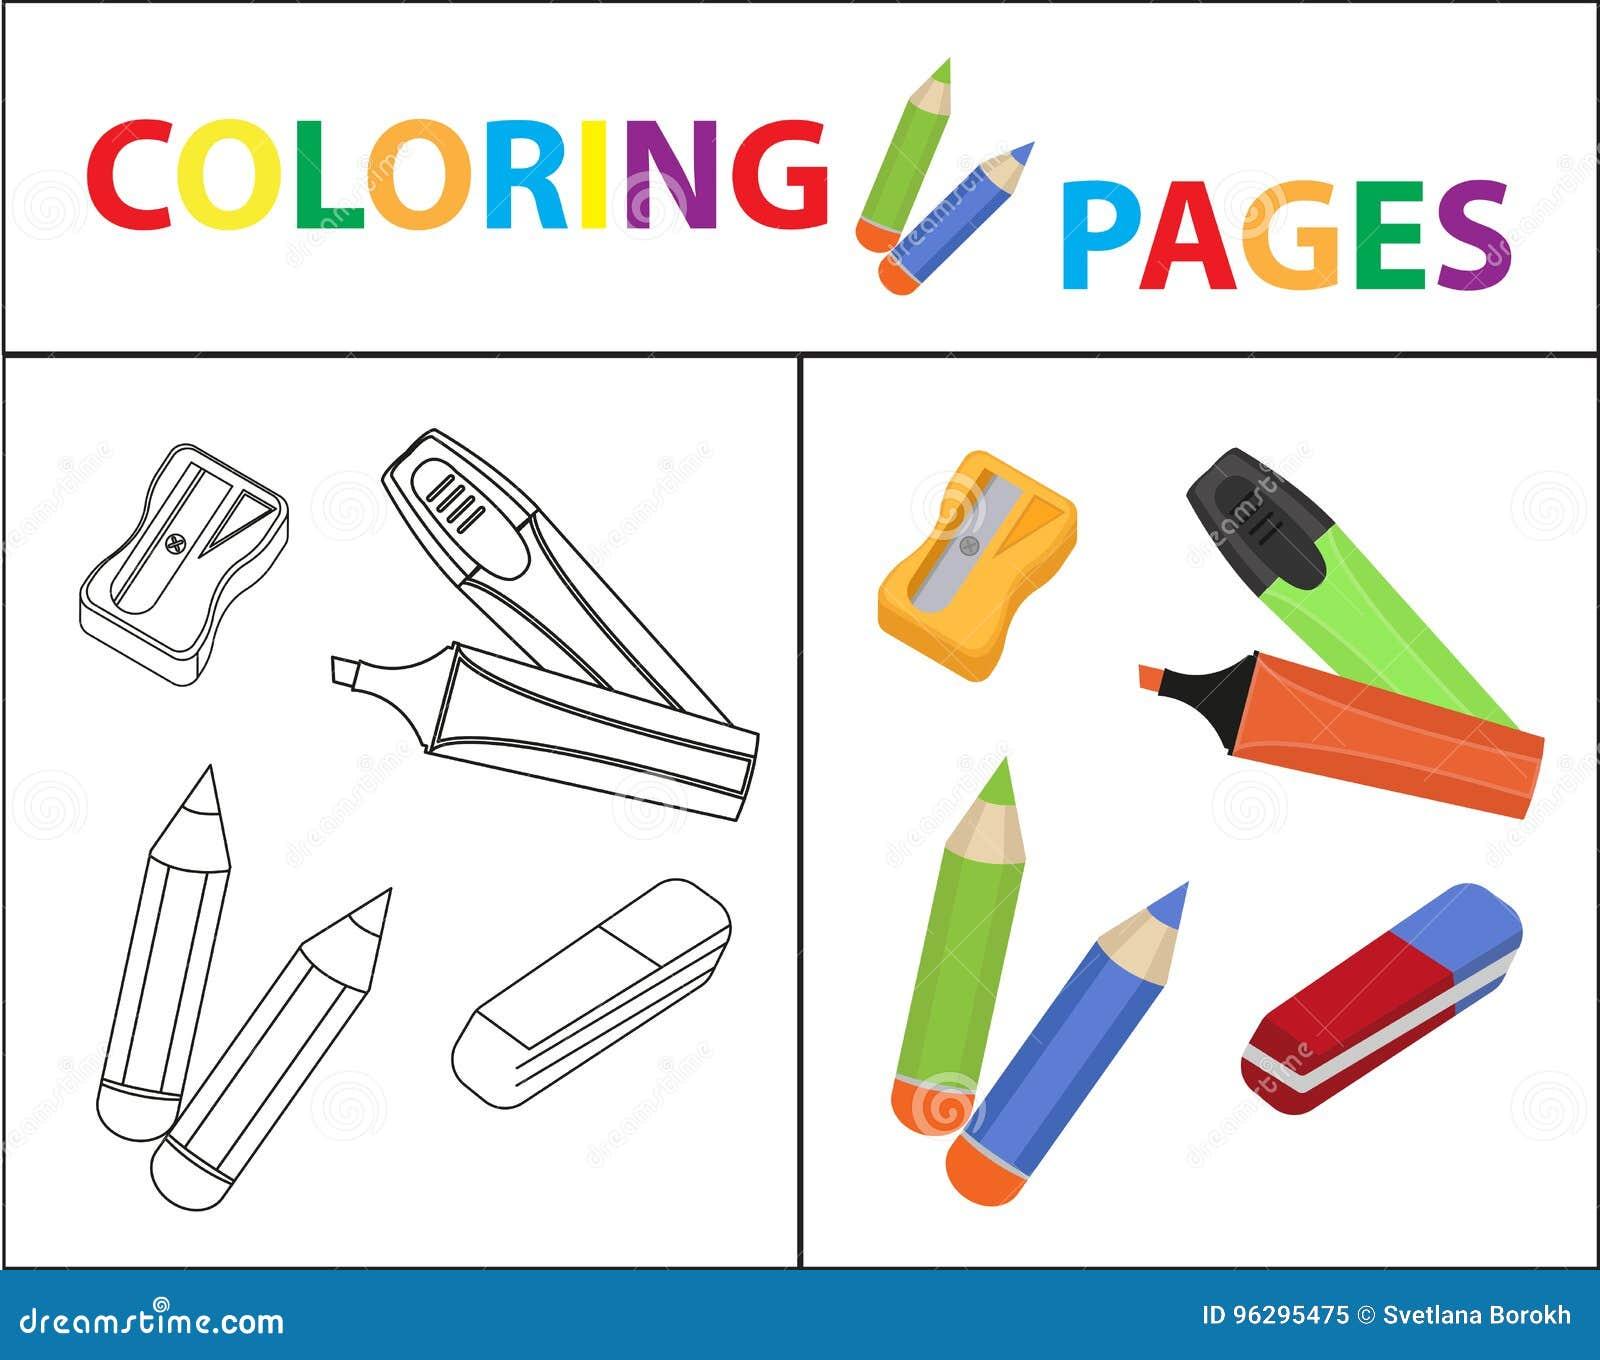 Fein Bleistiftspitzer Färbung Seite Galerie - Entry Level Resume ...